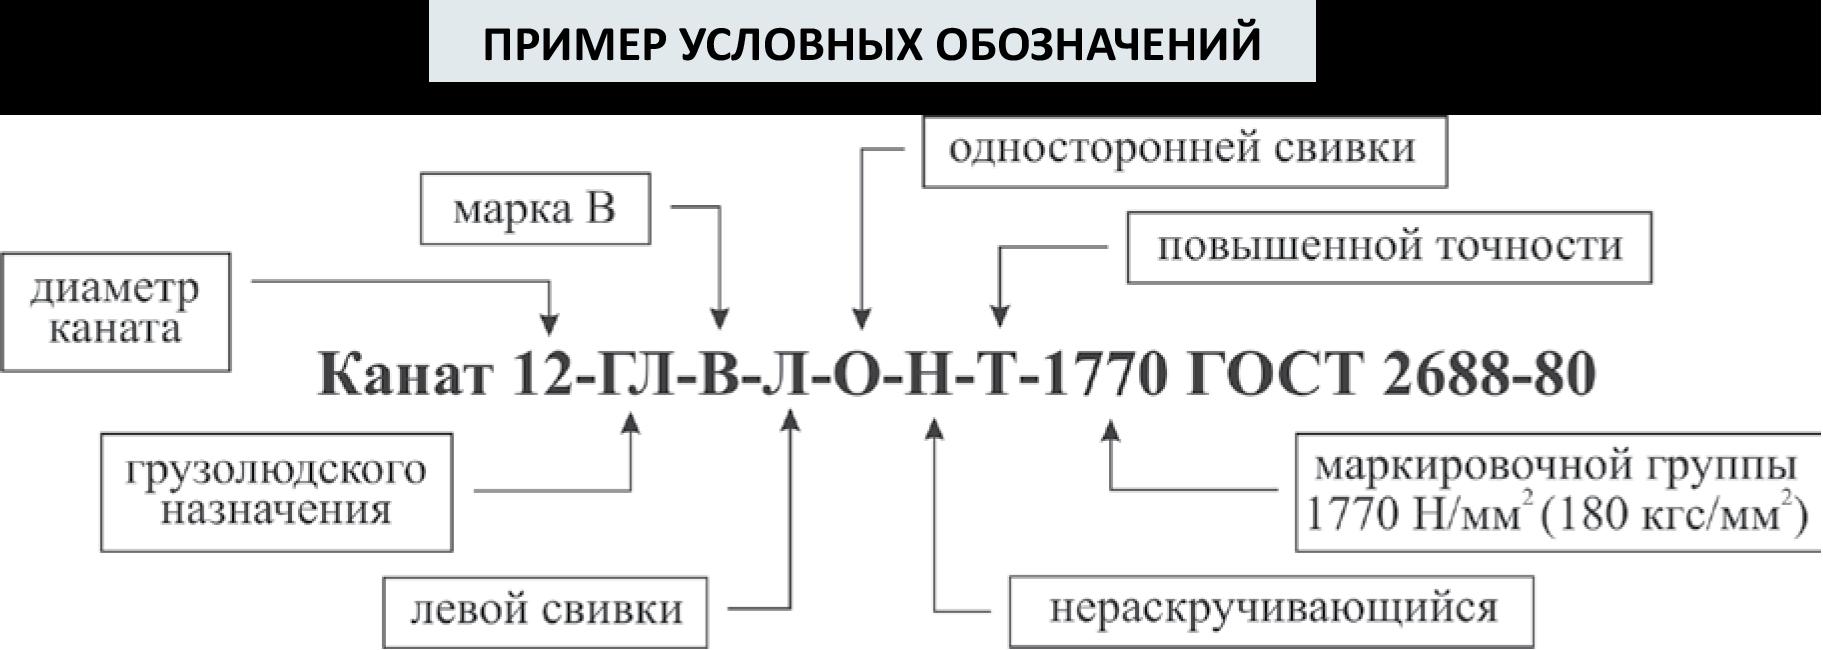 Пример условных обозначений